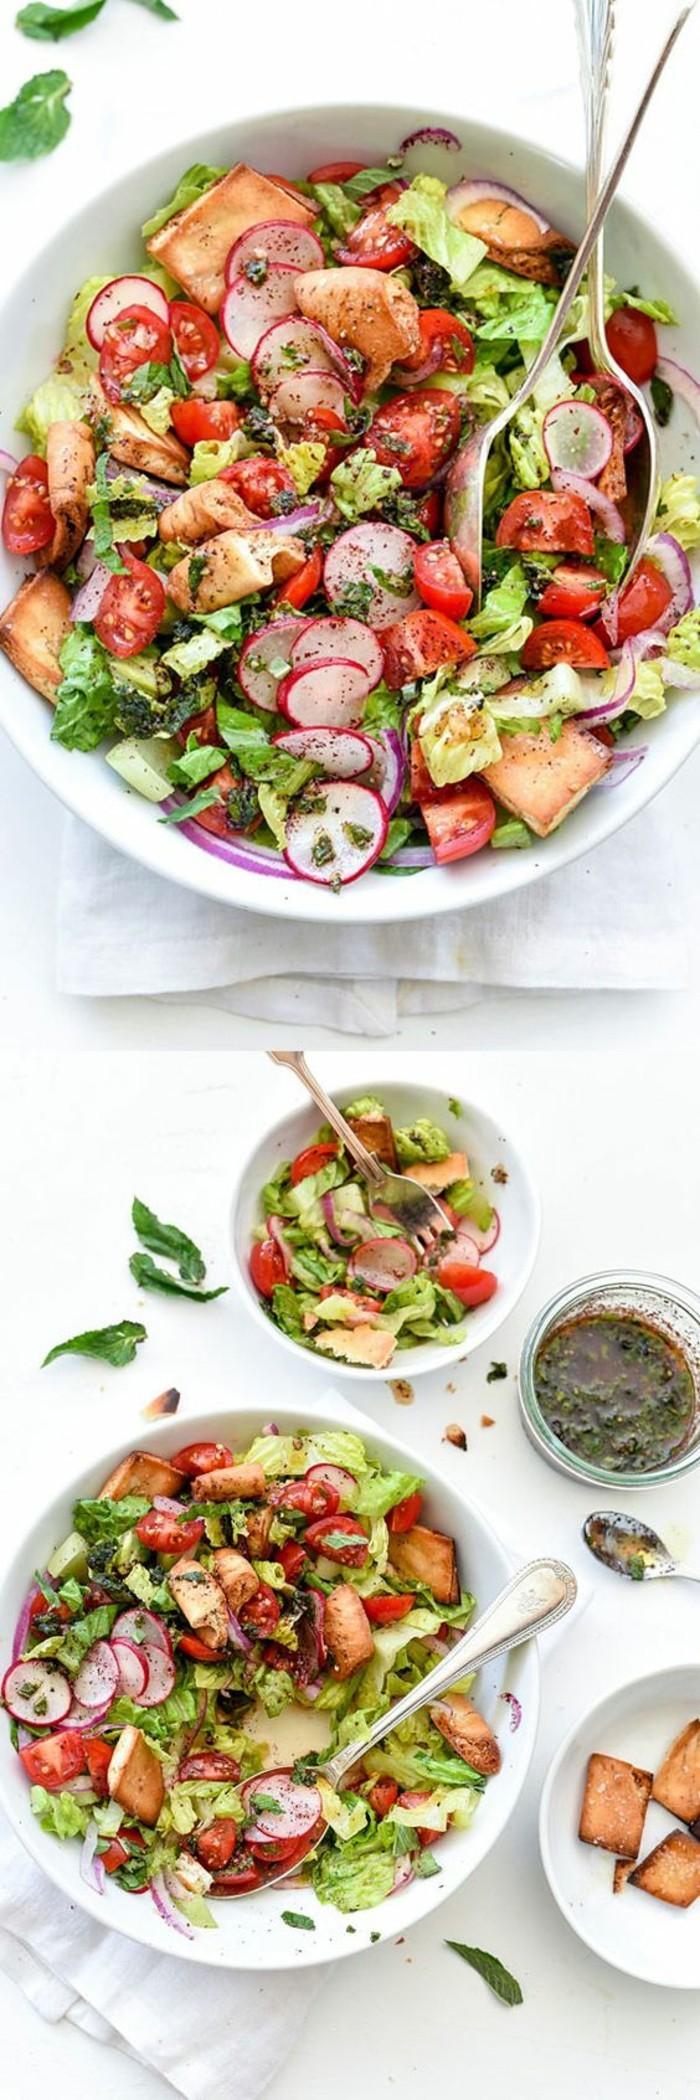 Manger sainement: 5 recettes légères pour préparer des ...